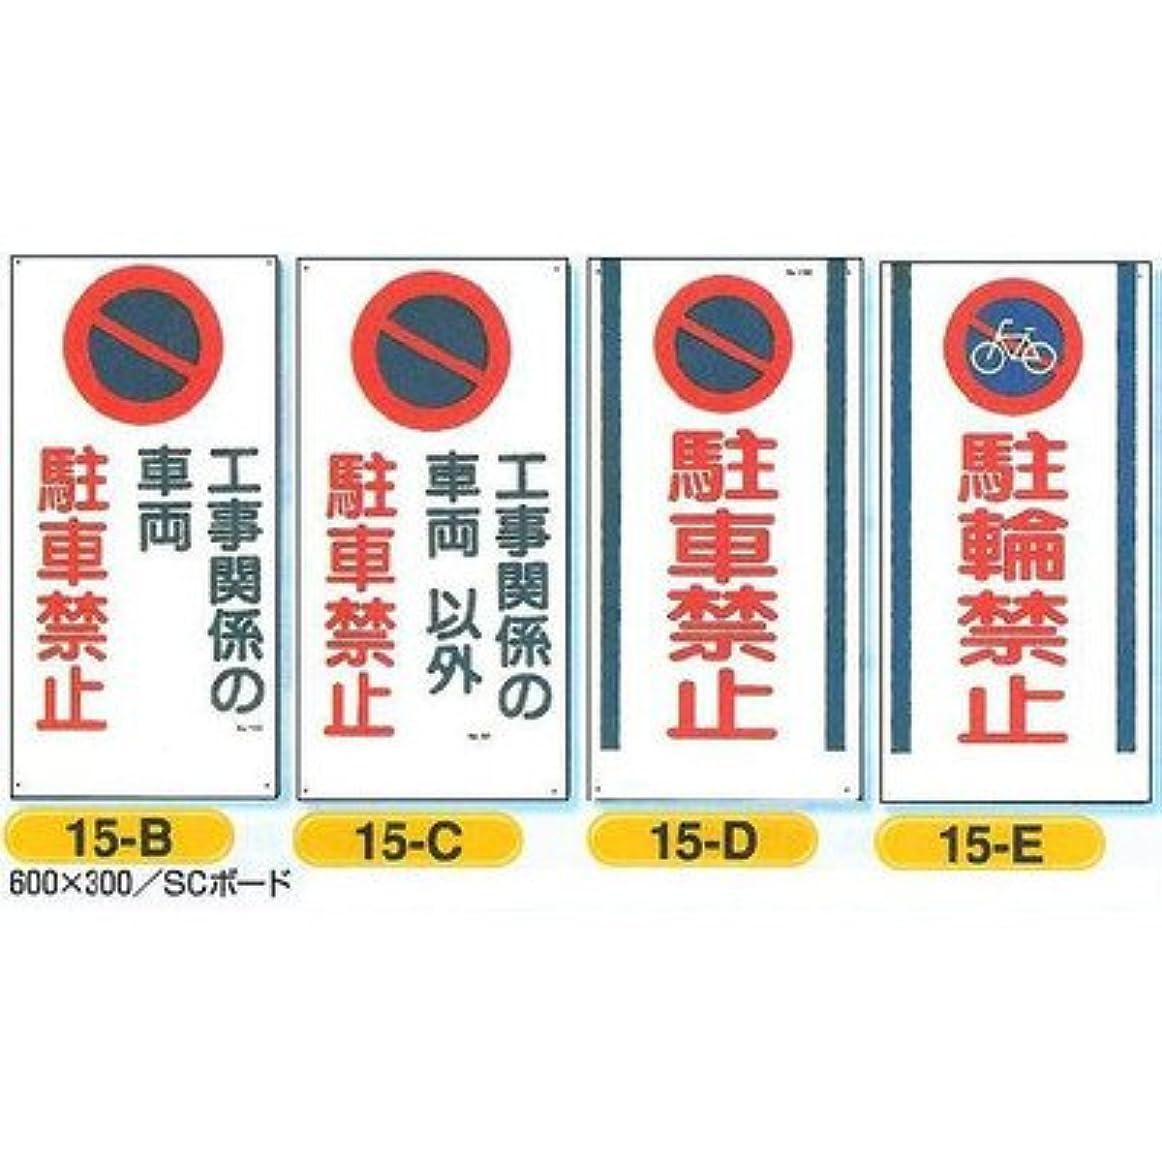 ジャケット極端なプランター安全?サイン8 駐車禁止 駐輪禁止 SCボード 600×300 標識種類:15-E